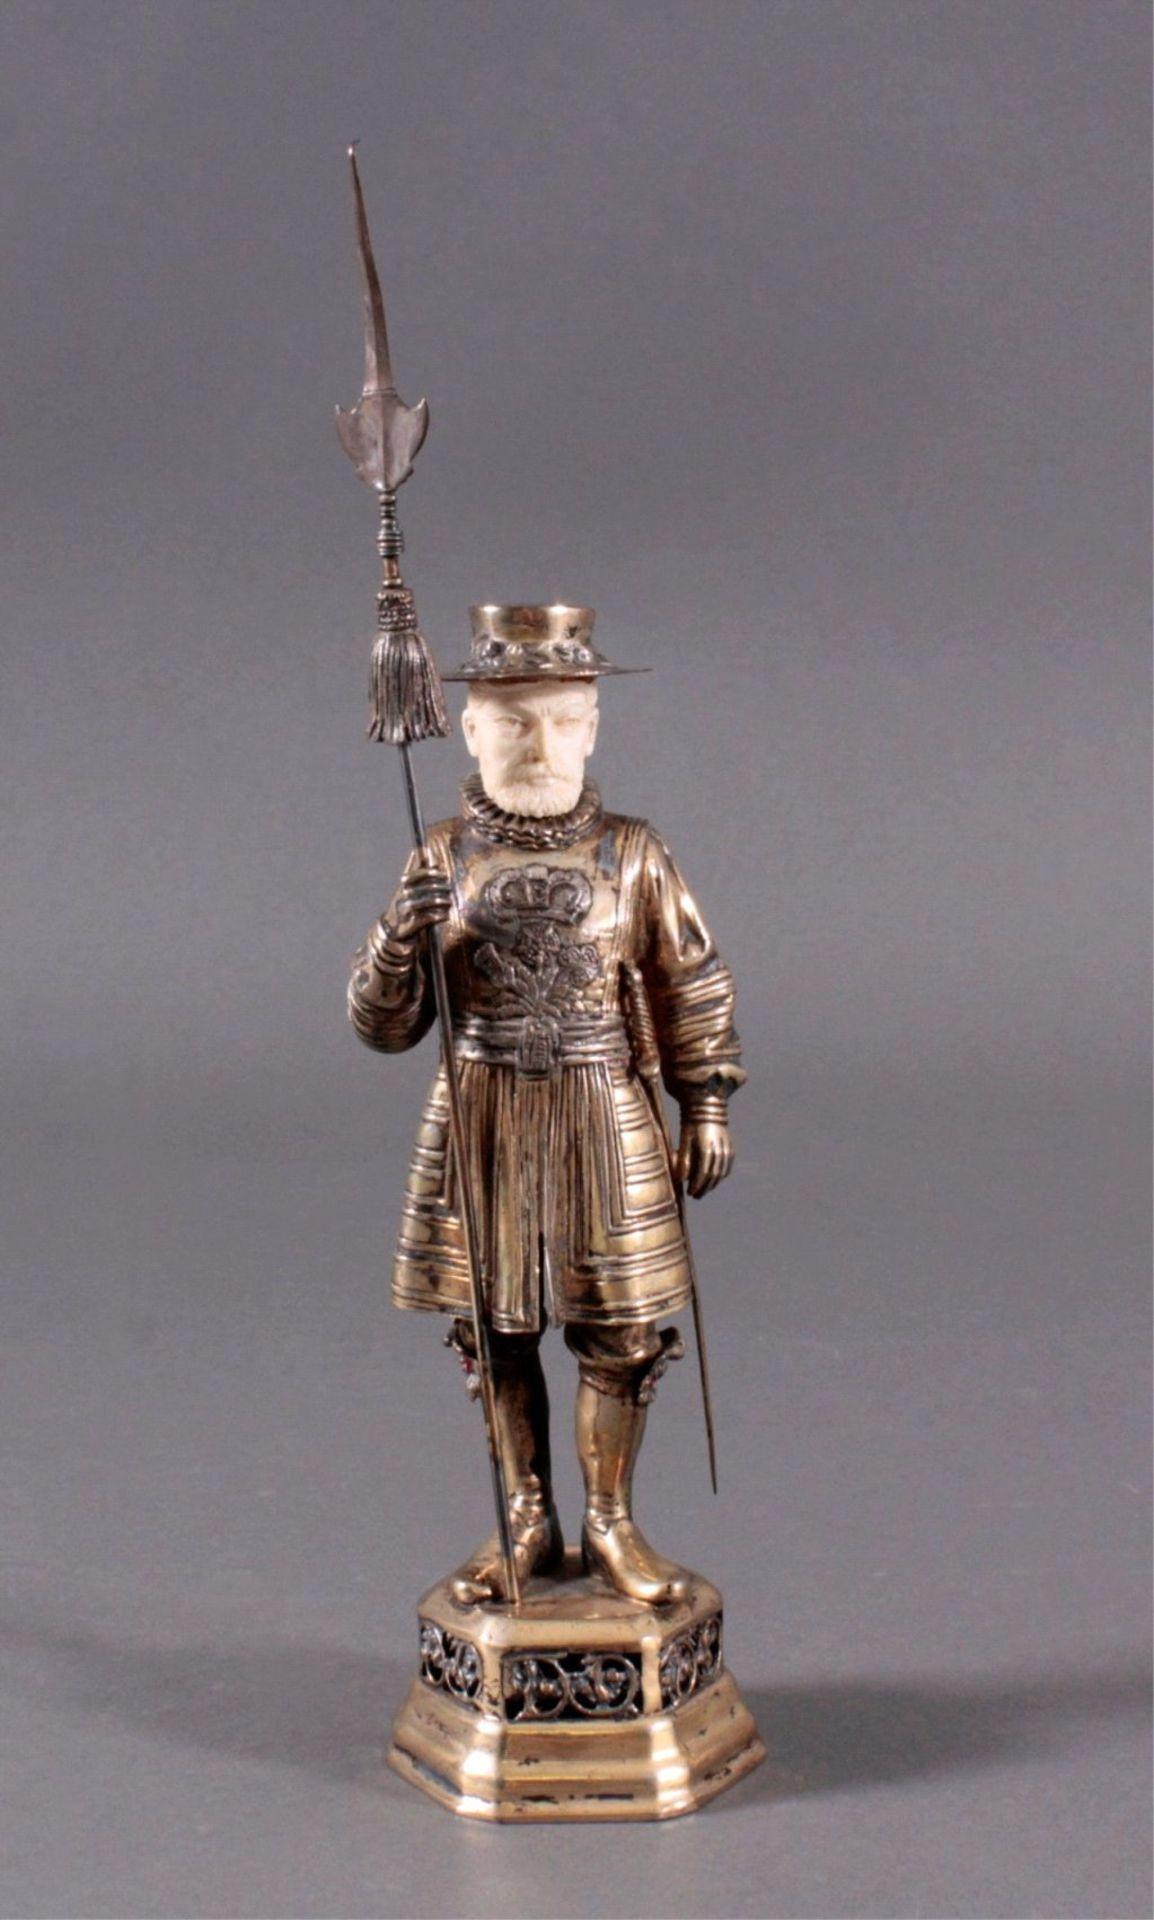 Historismus-Silber-Elfenbein-Figur925er, teilvergoldet/Elfenbein, um 1900 auf durchbrochenem,